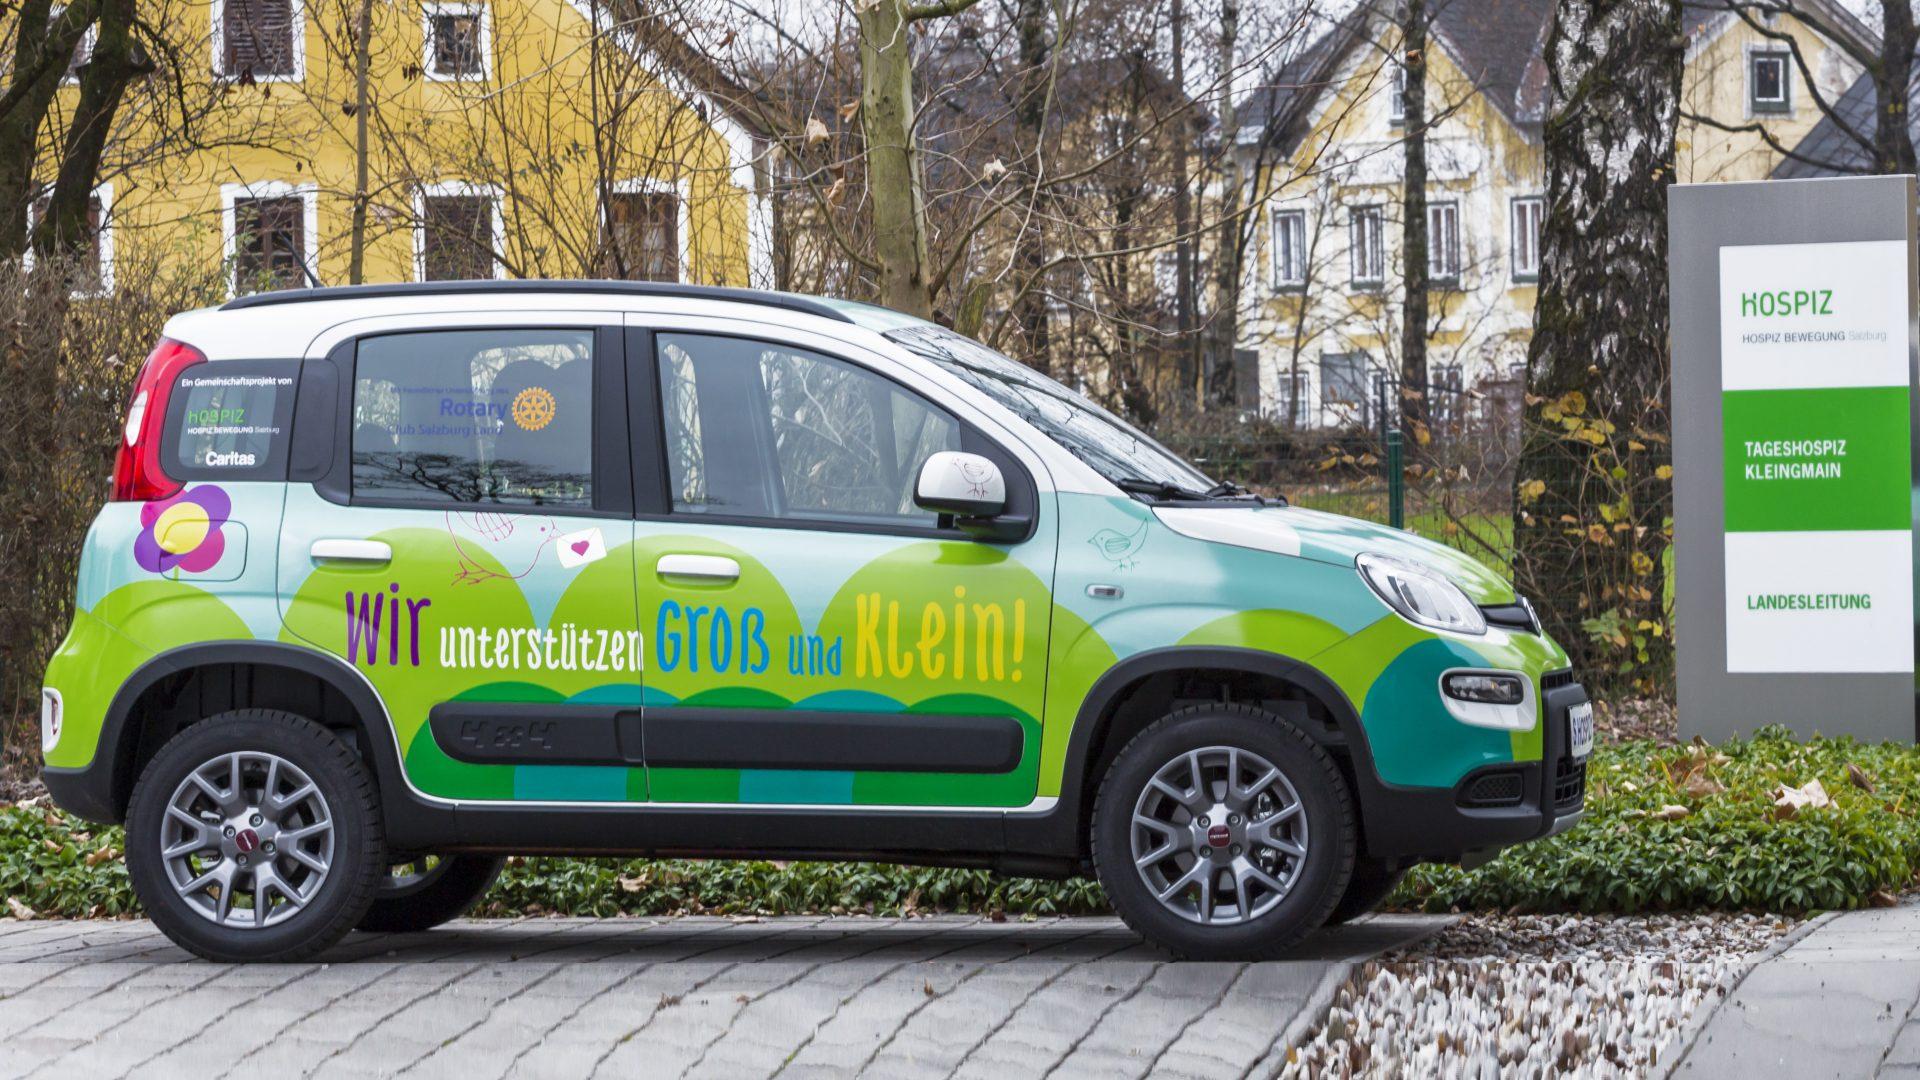 scheuer | agentur für dialog – Papageno | mobiles Kinderhospiz der Hospiz-Bewegung Salzburg